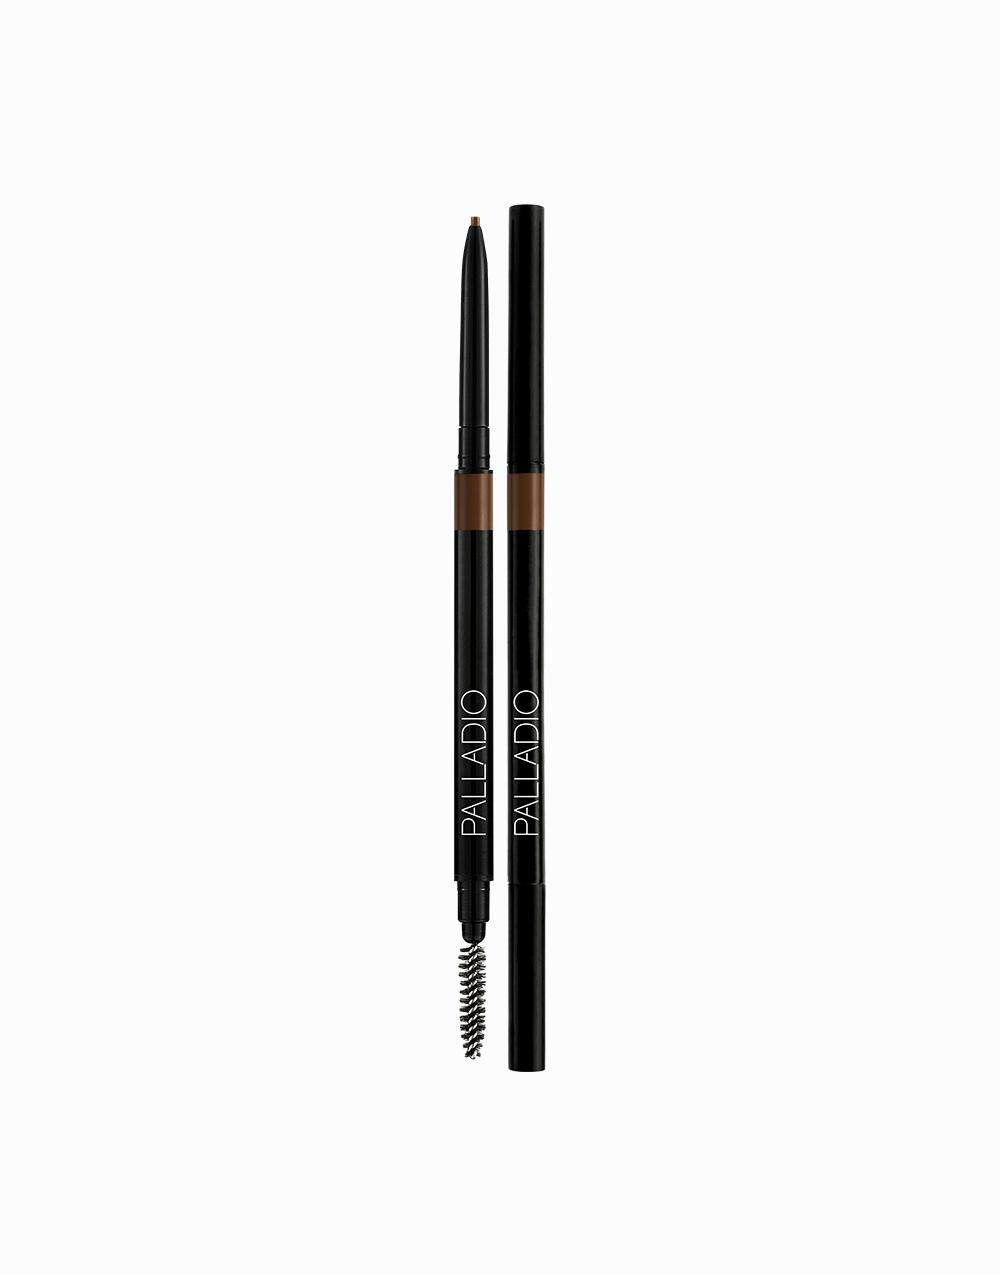 The Brow Definer Micro Pencil by Palladio | Medium Brown